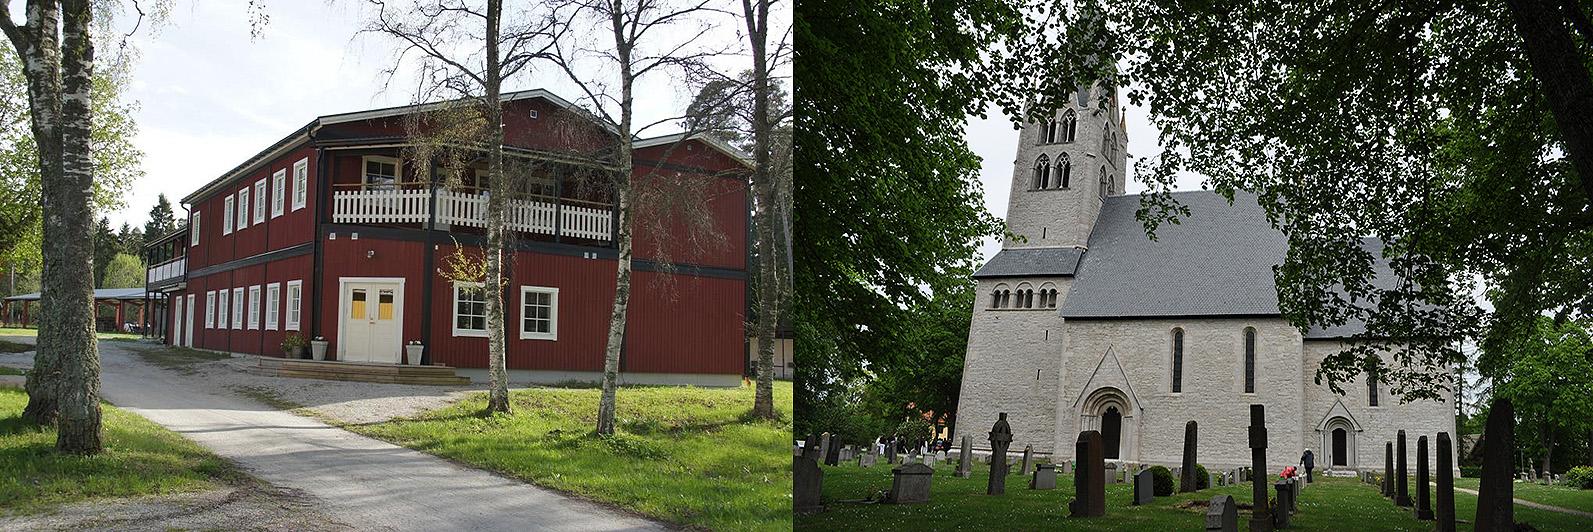 Till vänster: Hotell Dalhem. Till höger: Dalhems kyrka från söder